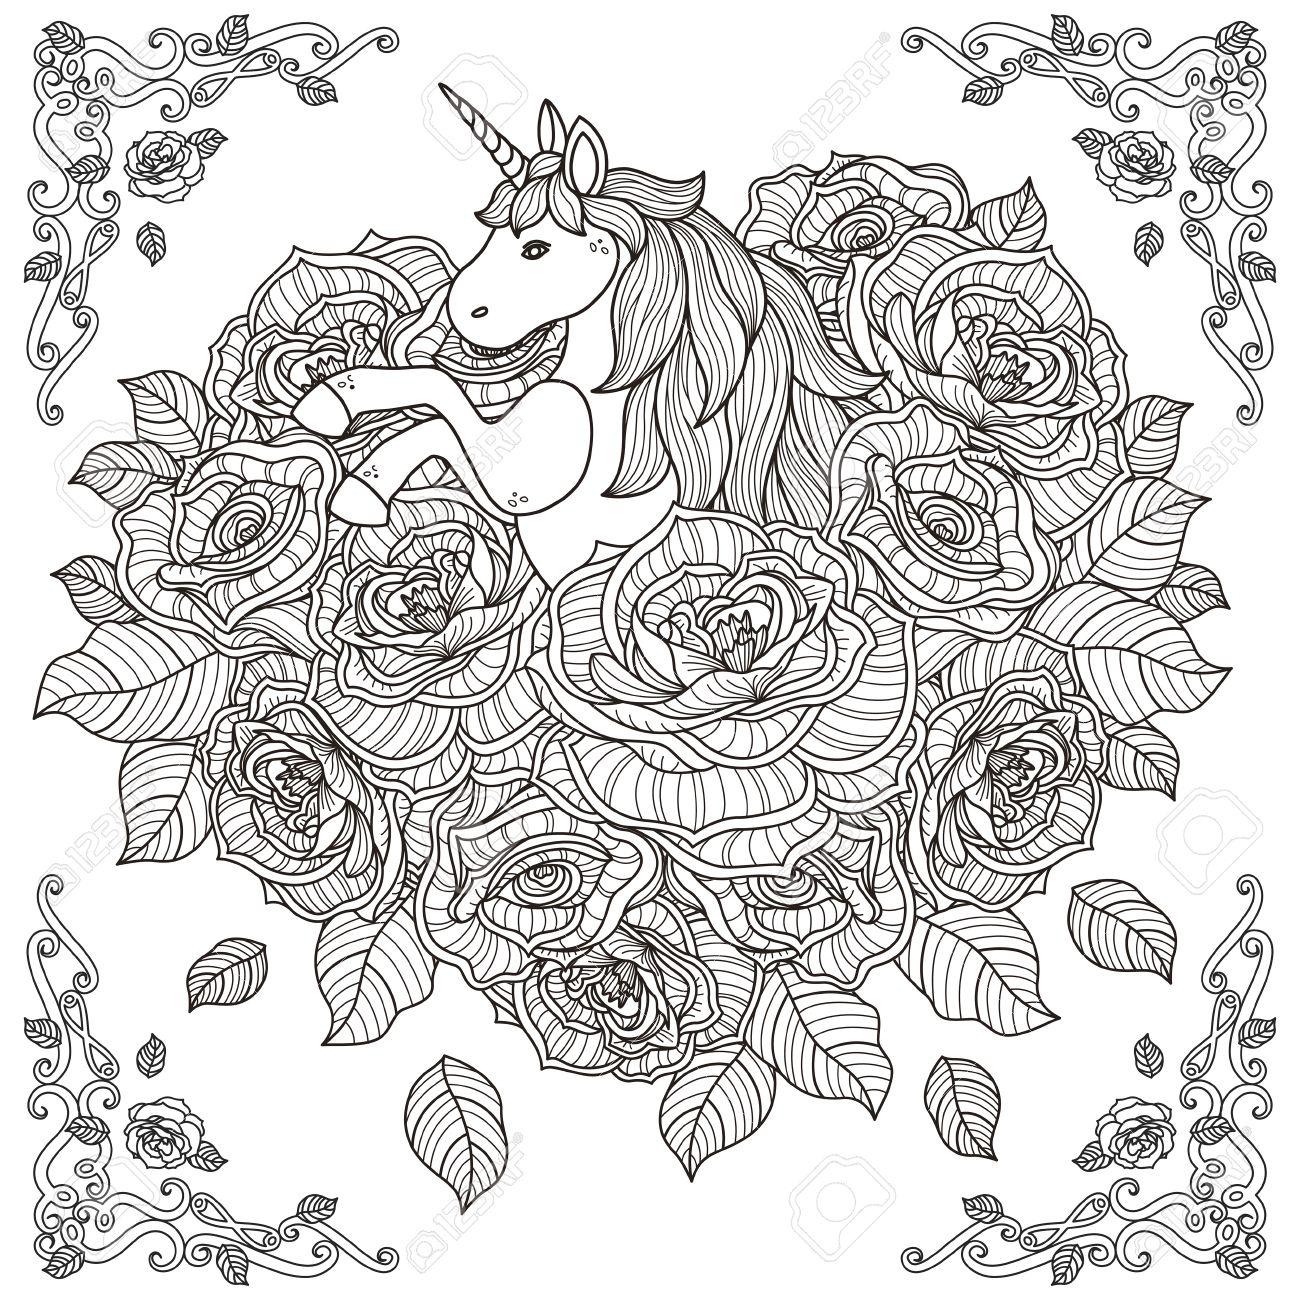 愛らしいユニコーンとバラの背景を持つ大人のための塗り絵の黒と白の